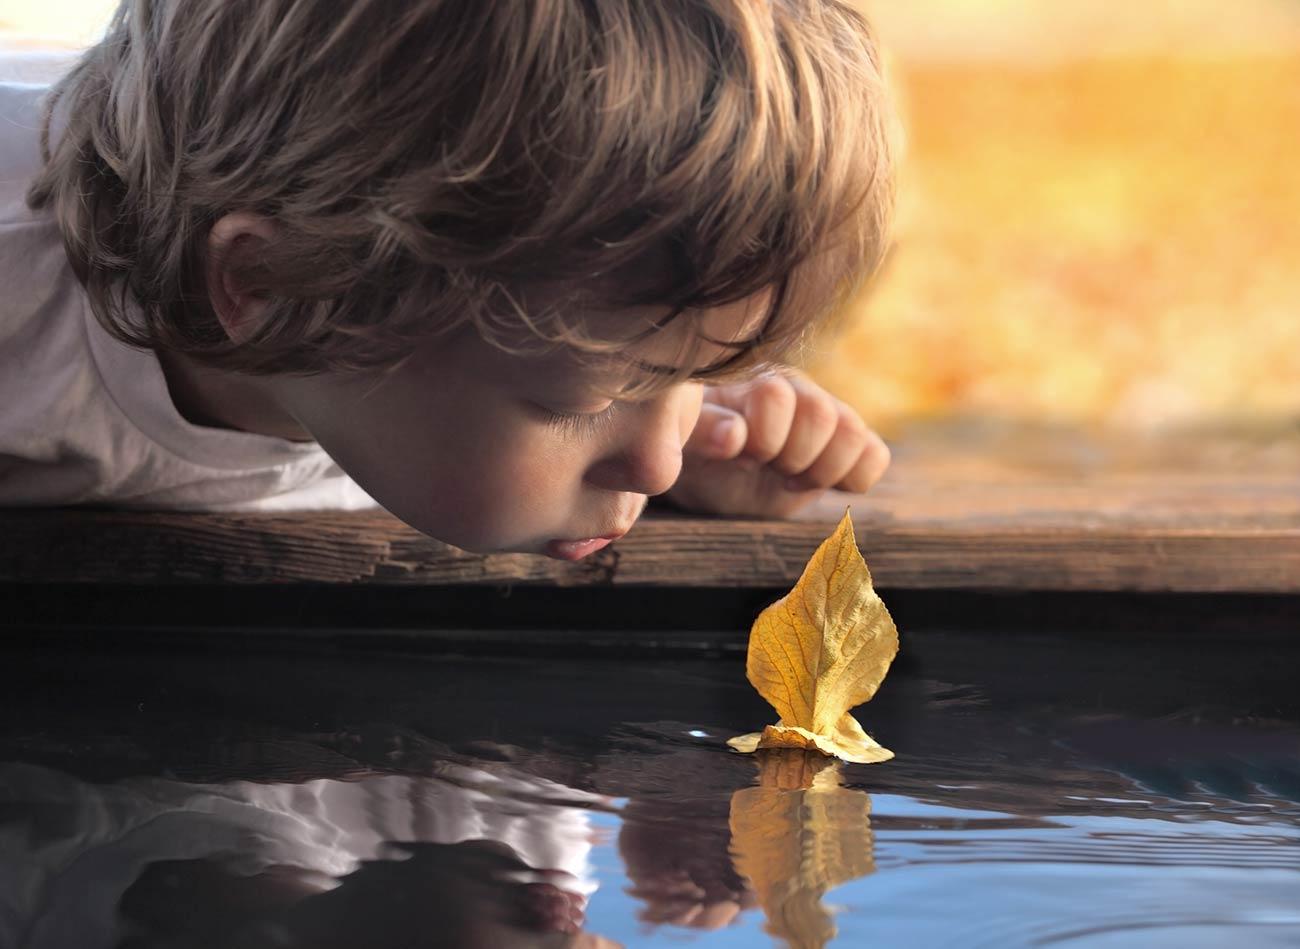 Bild - Kleiner Junge pustet ein Blatt auf dem Wasser